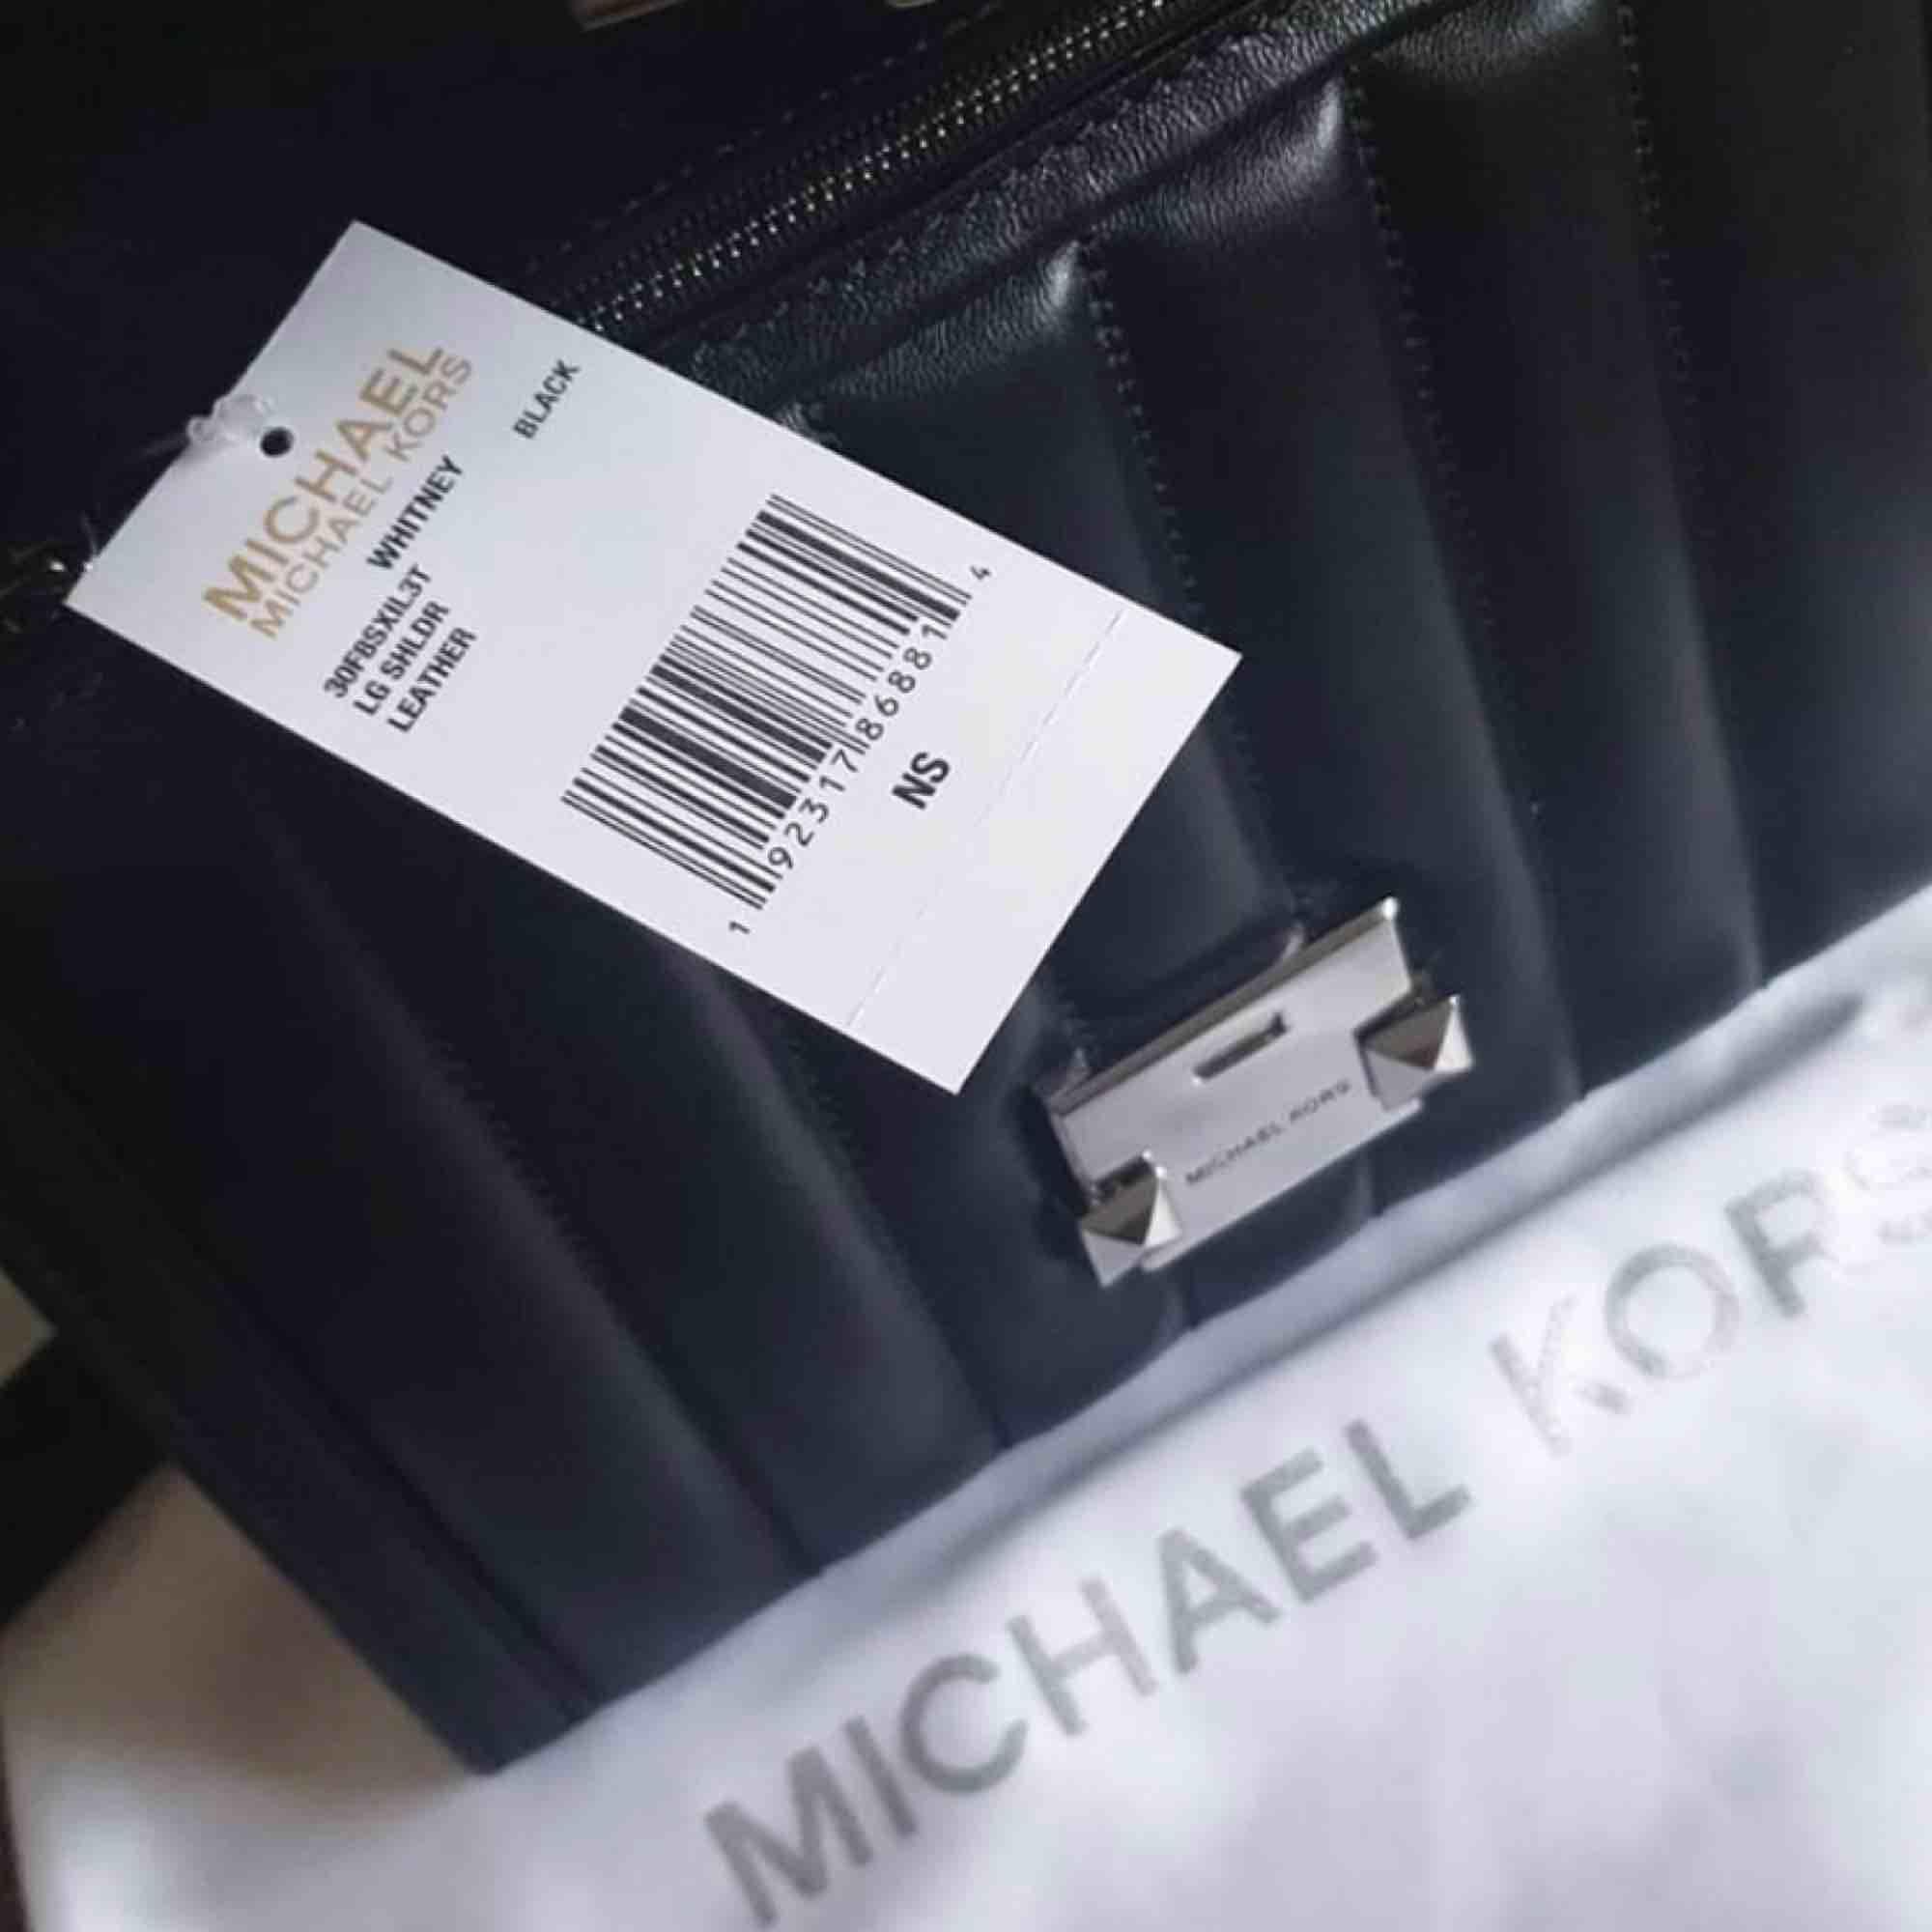 Whitney Large Quilted Leather Convertible Shoulder Bag  Helt ny och oanvänd med dustbag    Hämtas upp i Solna C eller Näckrosen . Väskor.